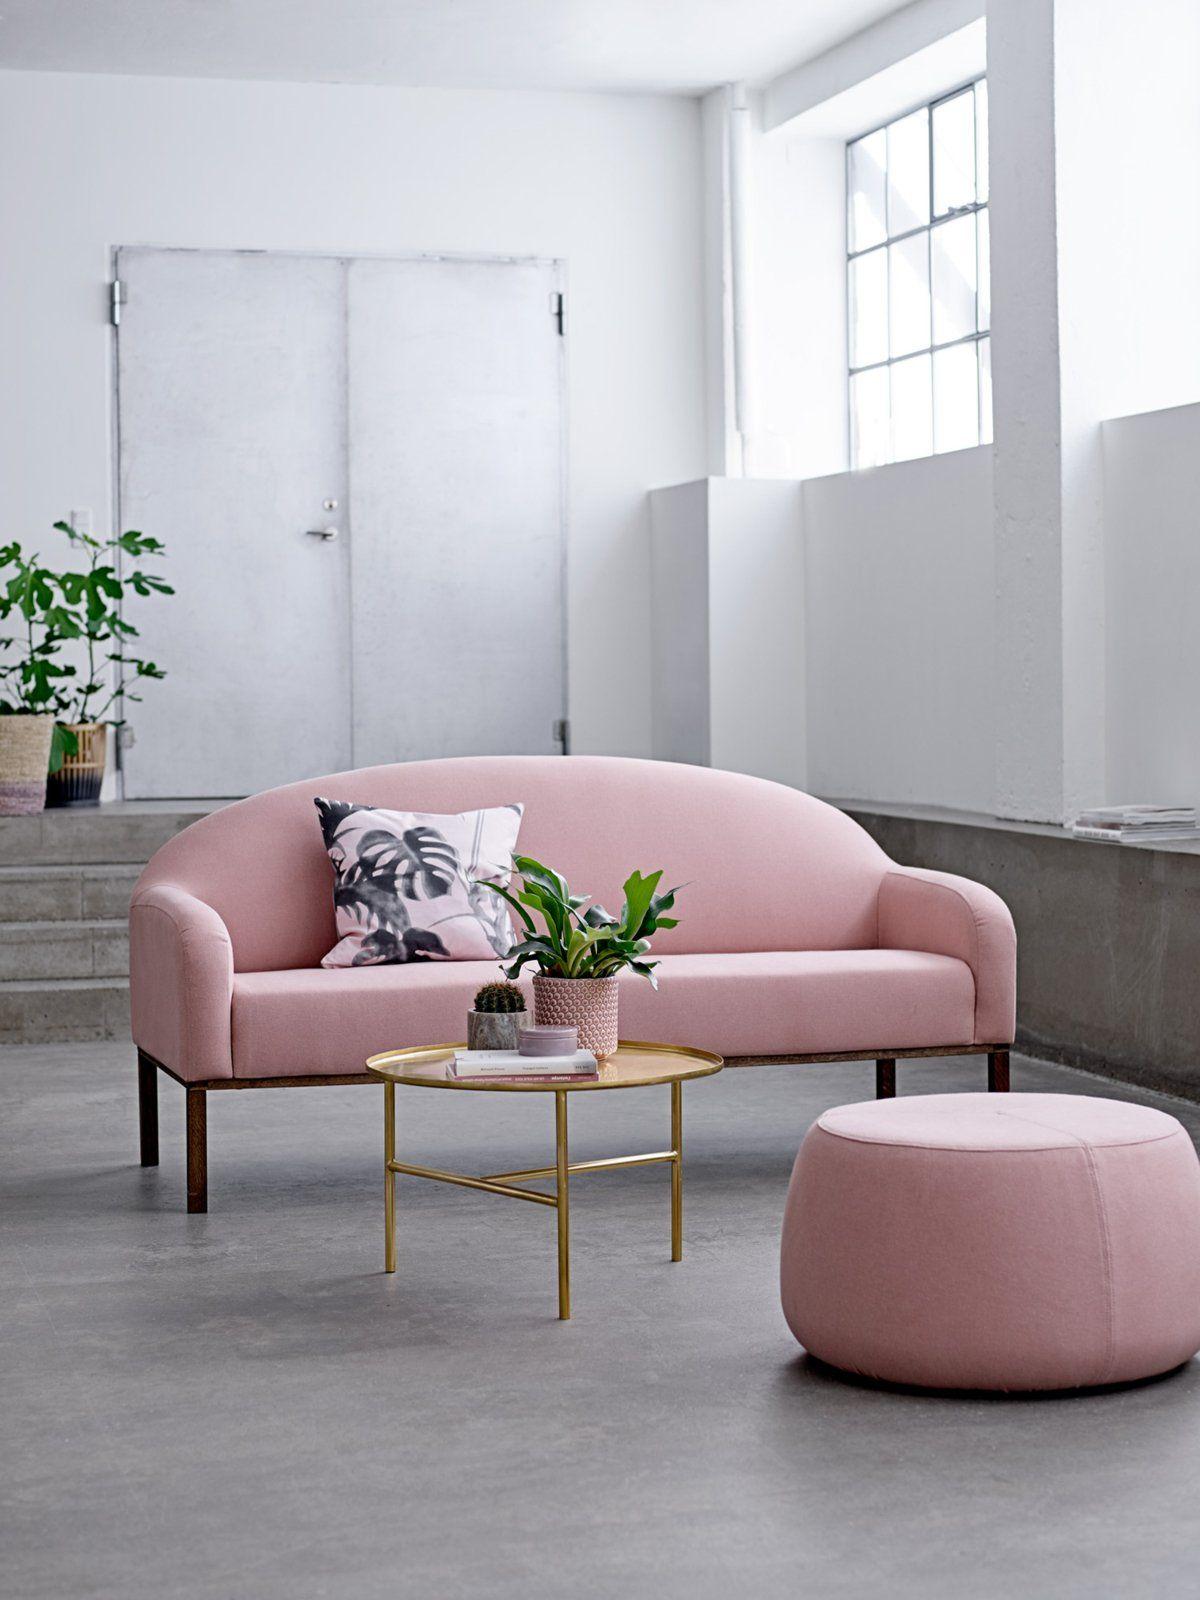 Schön Skandinavisches Design, Kupfer, Pastellfarben U0026 Co: Hier Kommen Die  Schönsten Wohntrends 2016 In